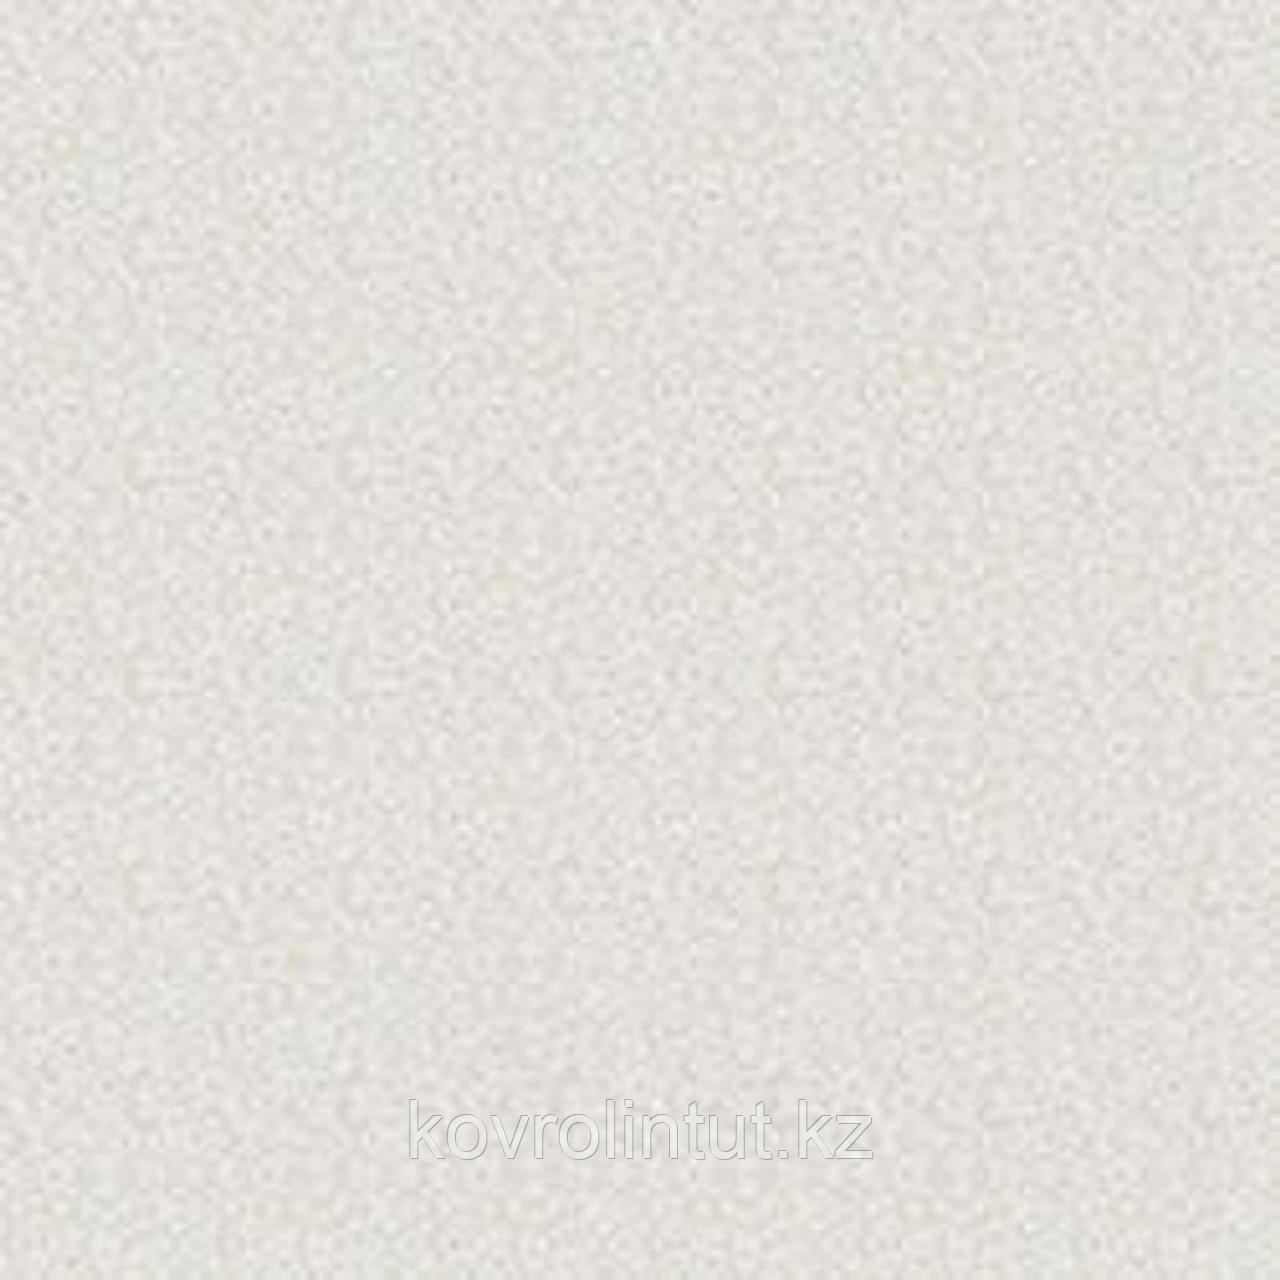 Линолеум бытовой усиленный Status Tepper 1 3,0 м